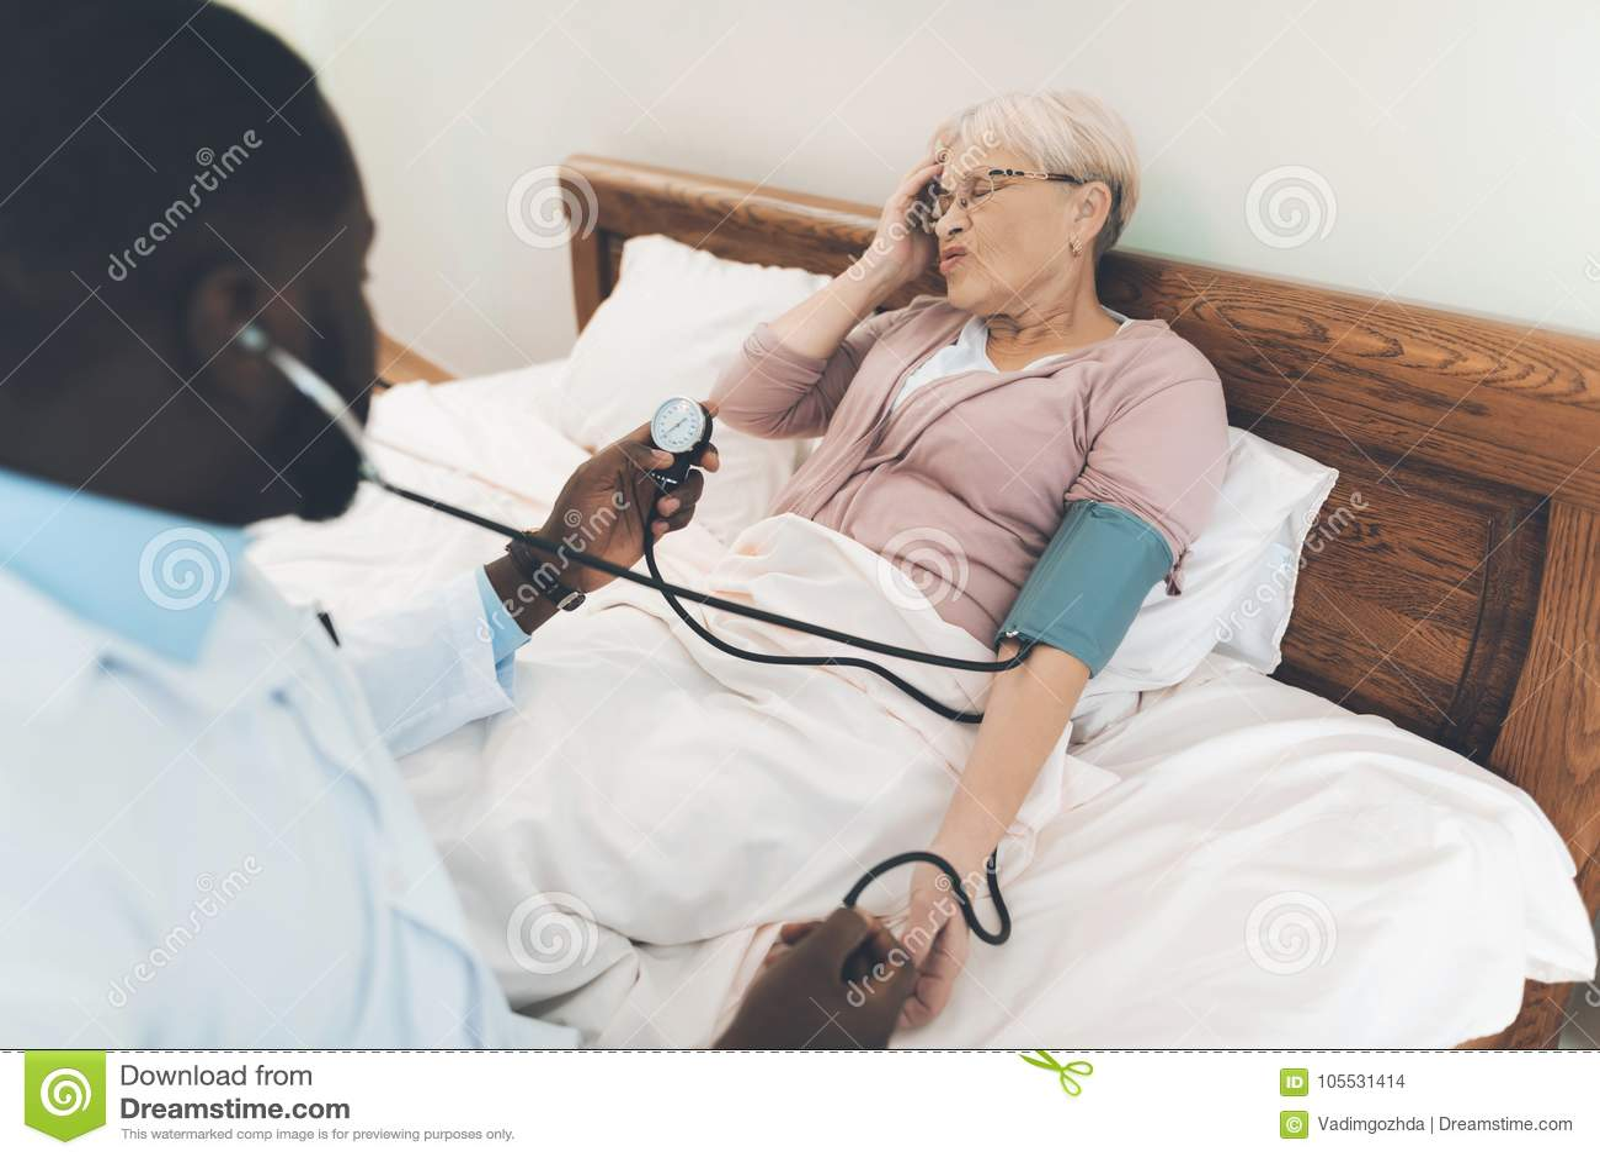 Dr datant patient Christian rencontres site Sydney